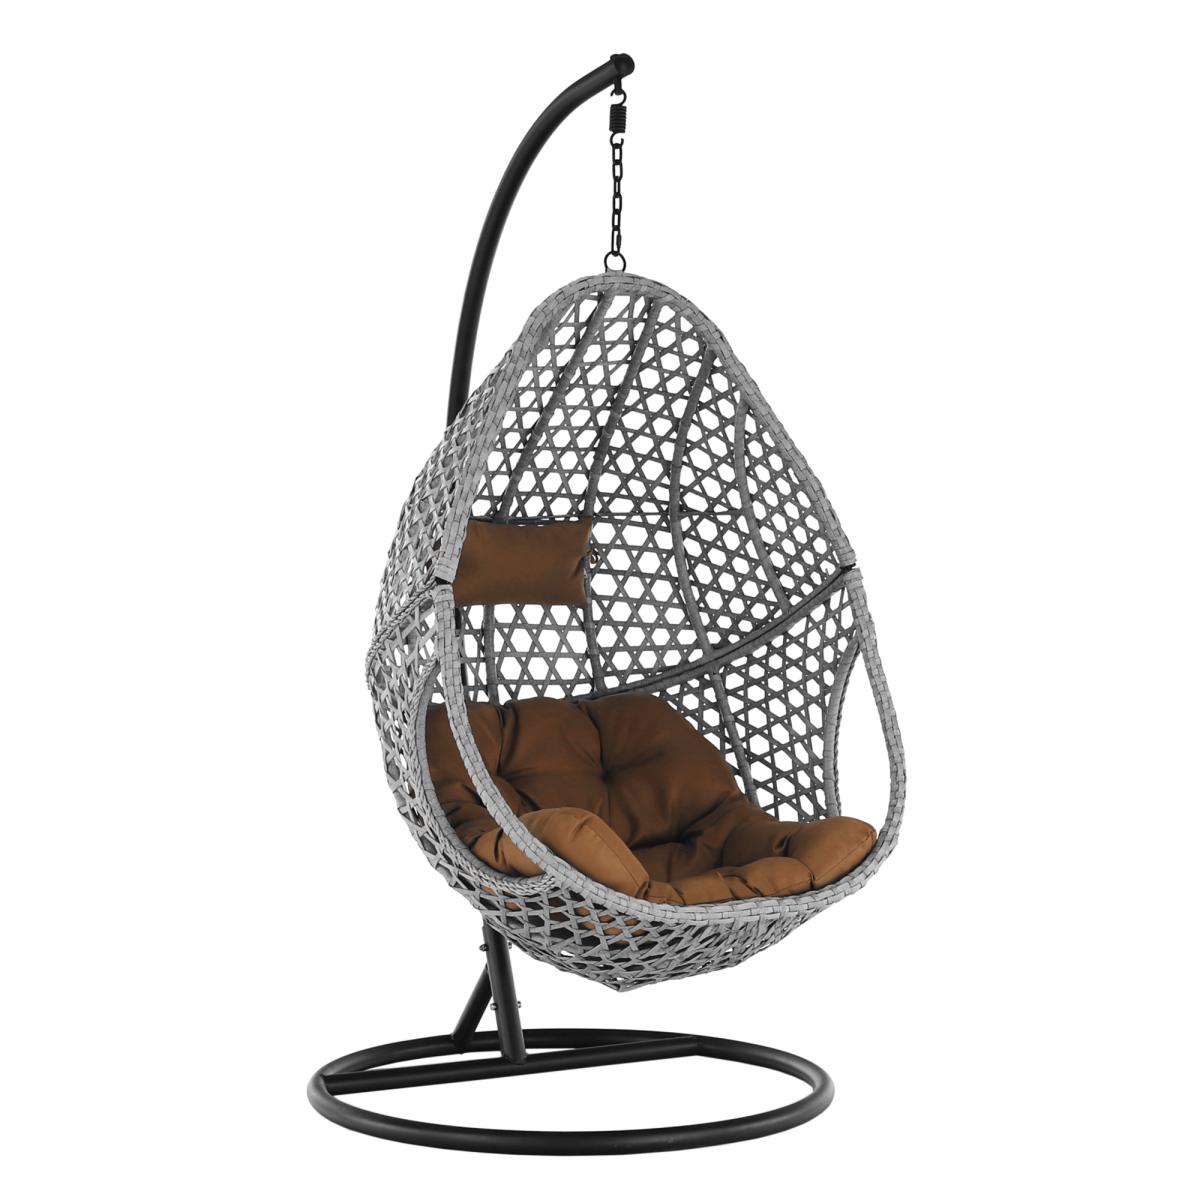 Függő szék, szürke/fekete/barna, NEUL